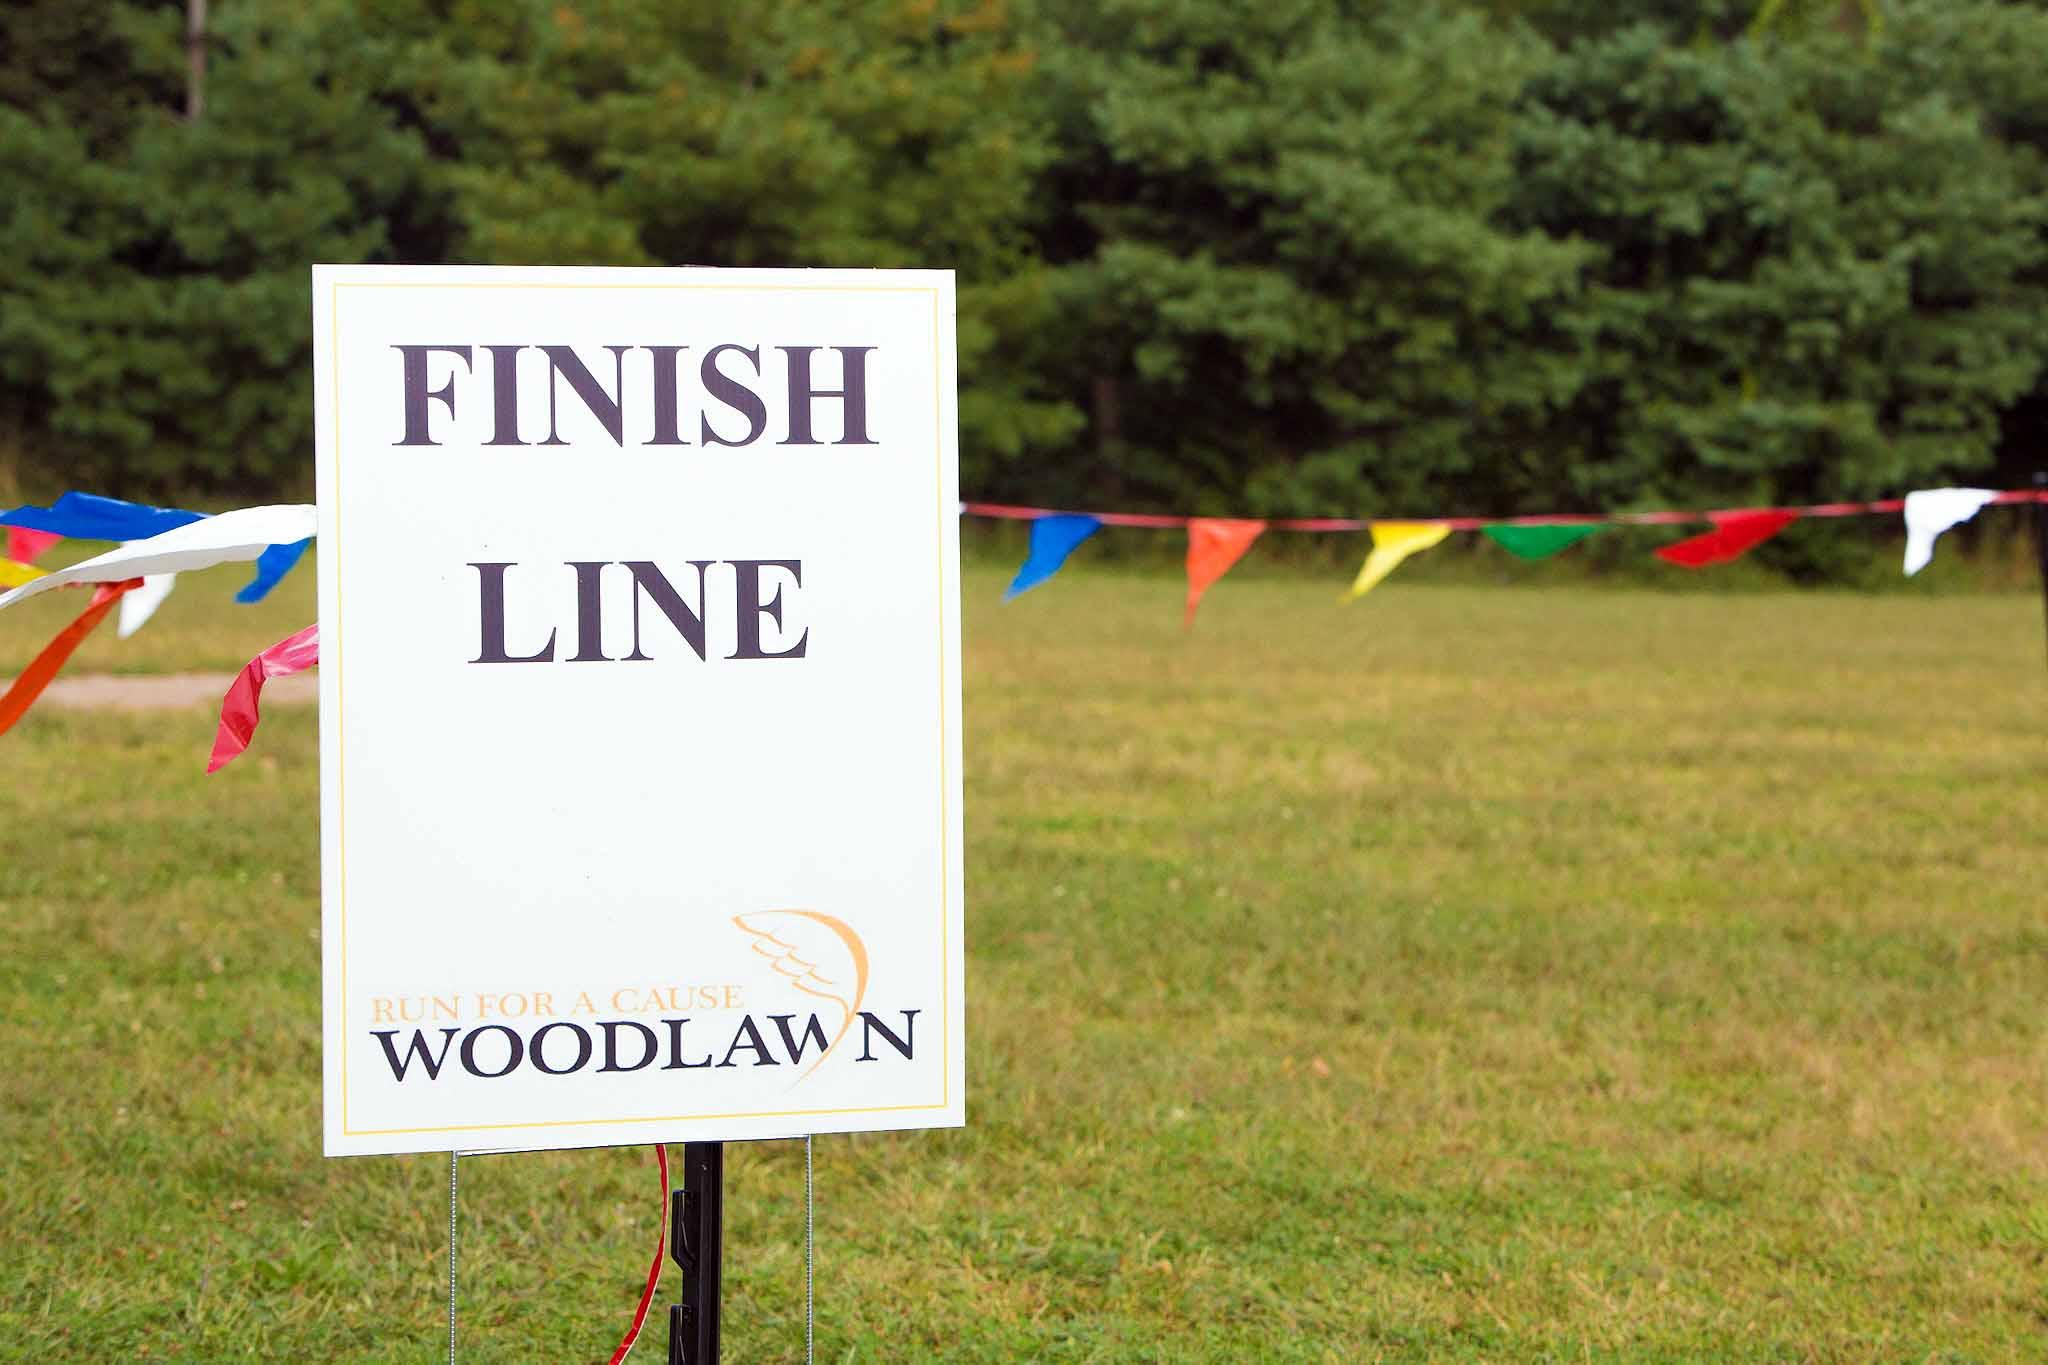 30-Woodlawn Run for a Cause-074.jpg